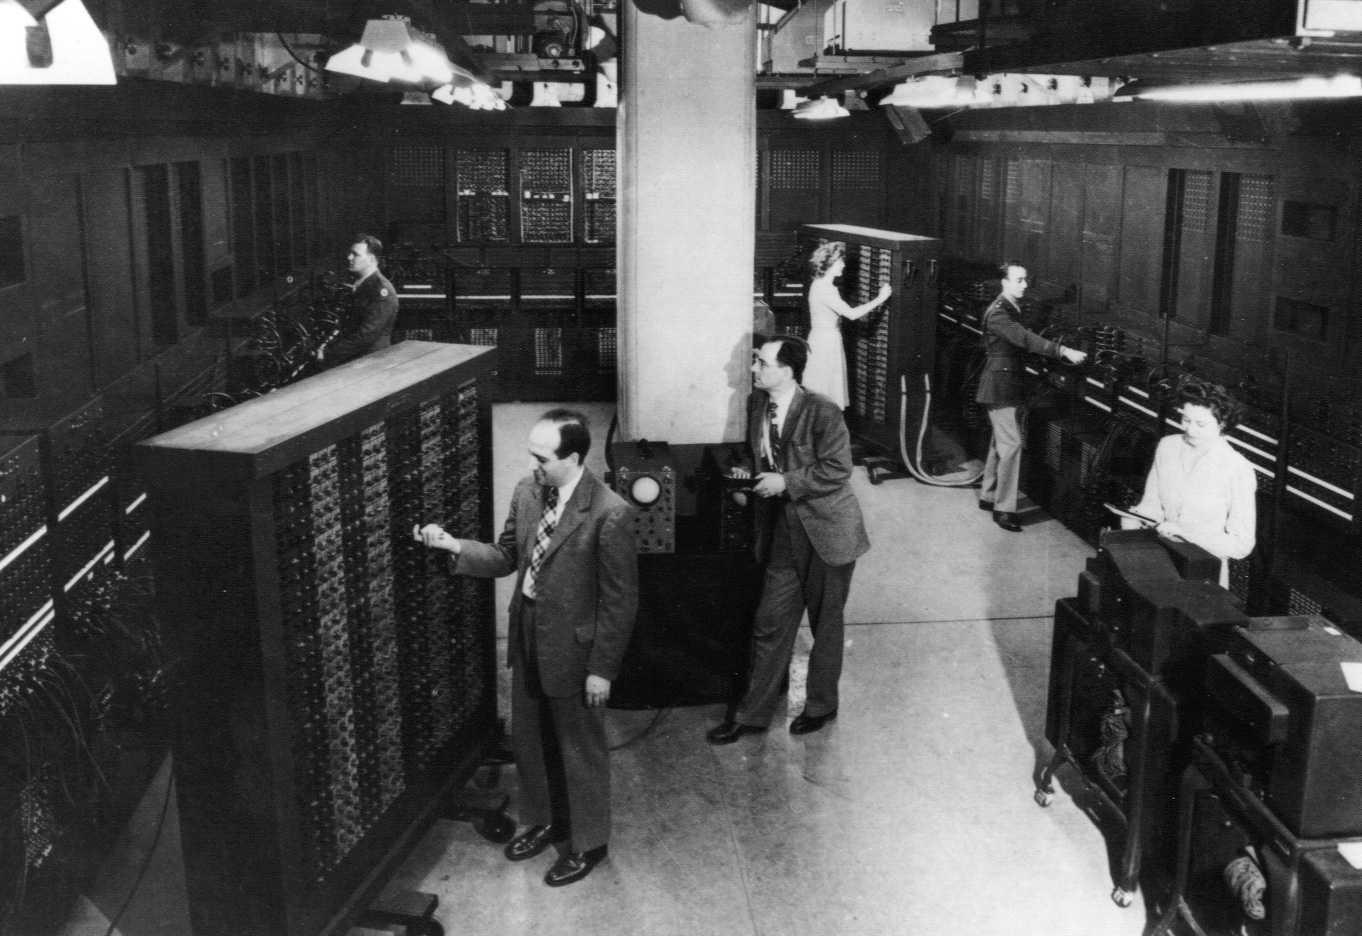 Nein, nicht die Brücke eines Star Trek - Vorläufers, sondern der ENIAC-Computer in voller Ausdehnung. Bedient (von links) durch Unbekannt, J. Presper Eckert, Dr. John Mauchly, Jean Jennings Bartik, Lt. Herman Goldstine, Ruth Lichterman Teitelbaum